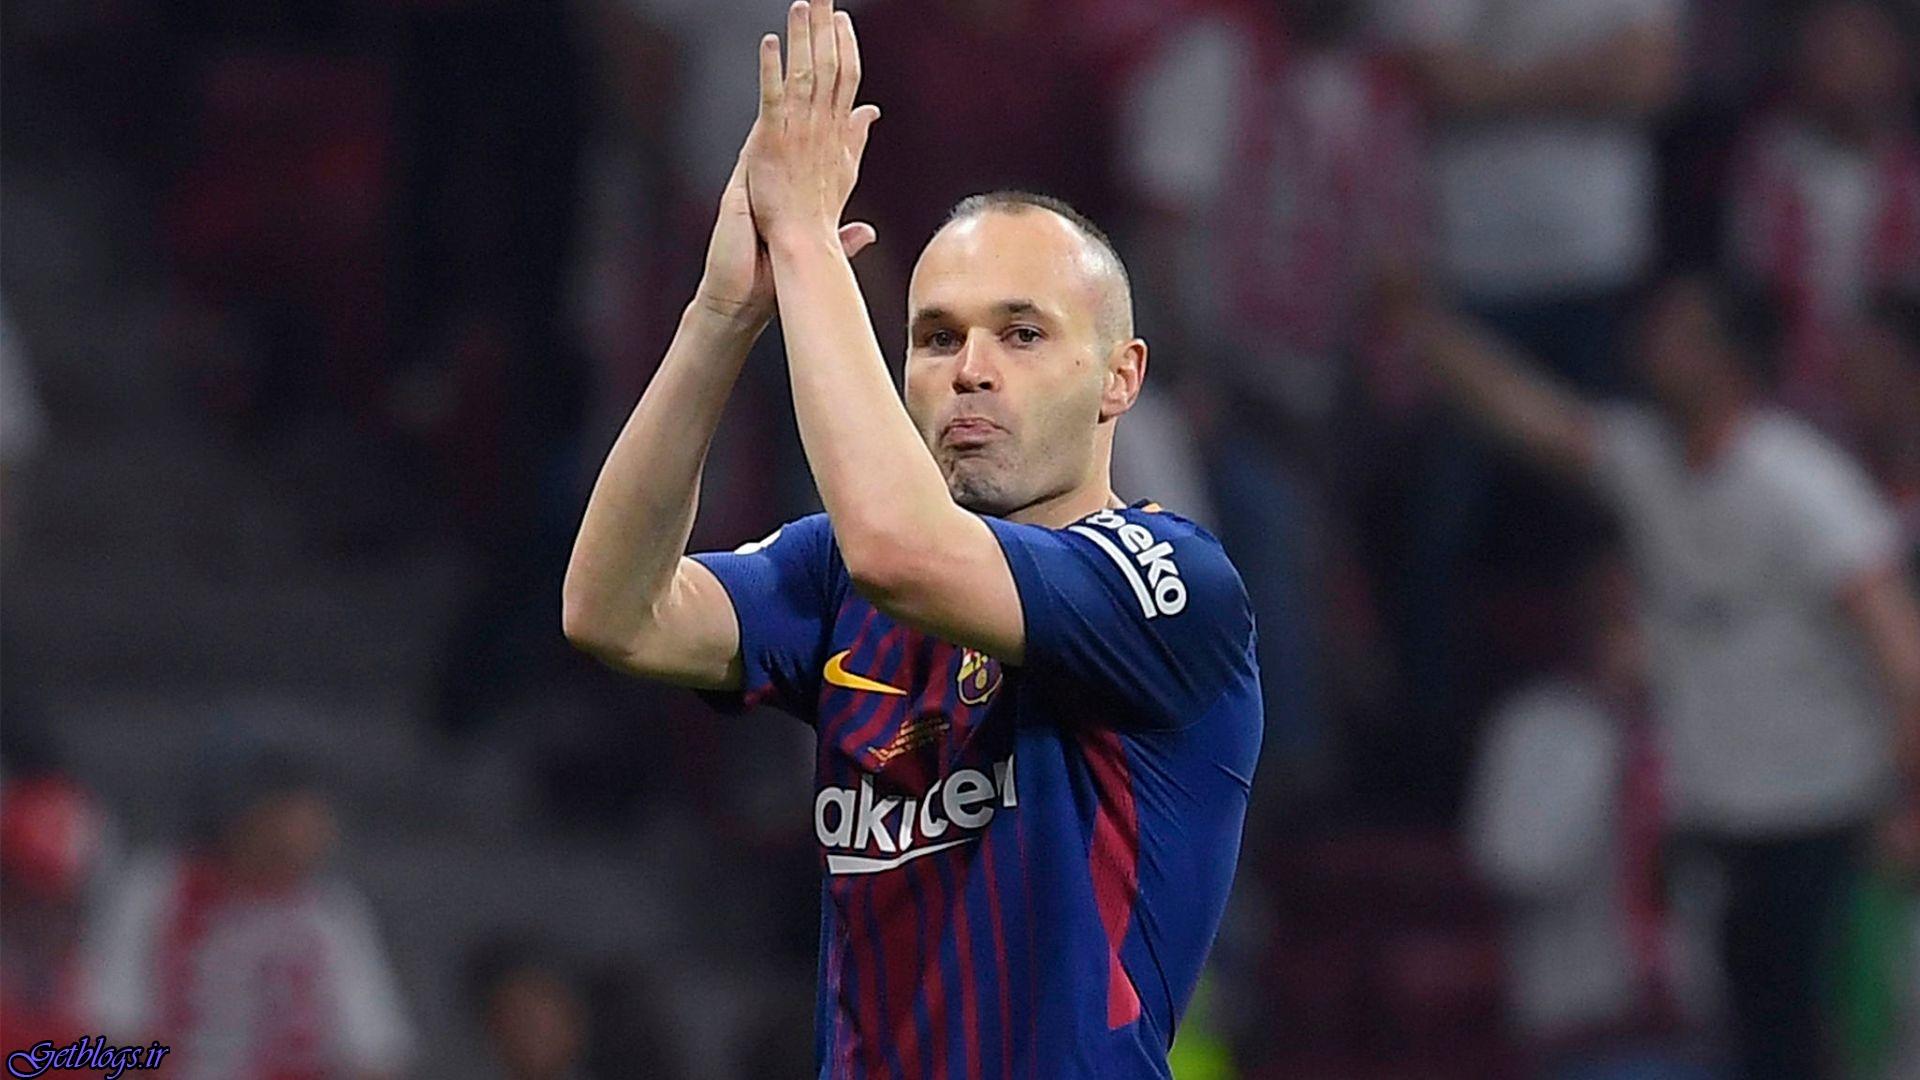 وداع اینیستا با بارسلونا با چشمانی گریان